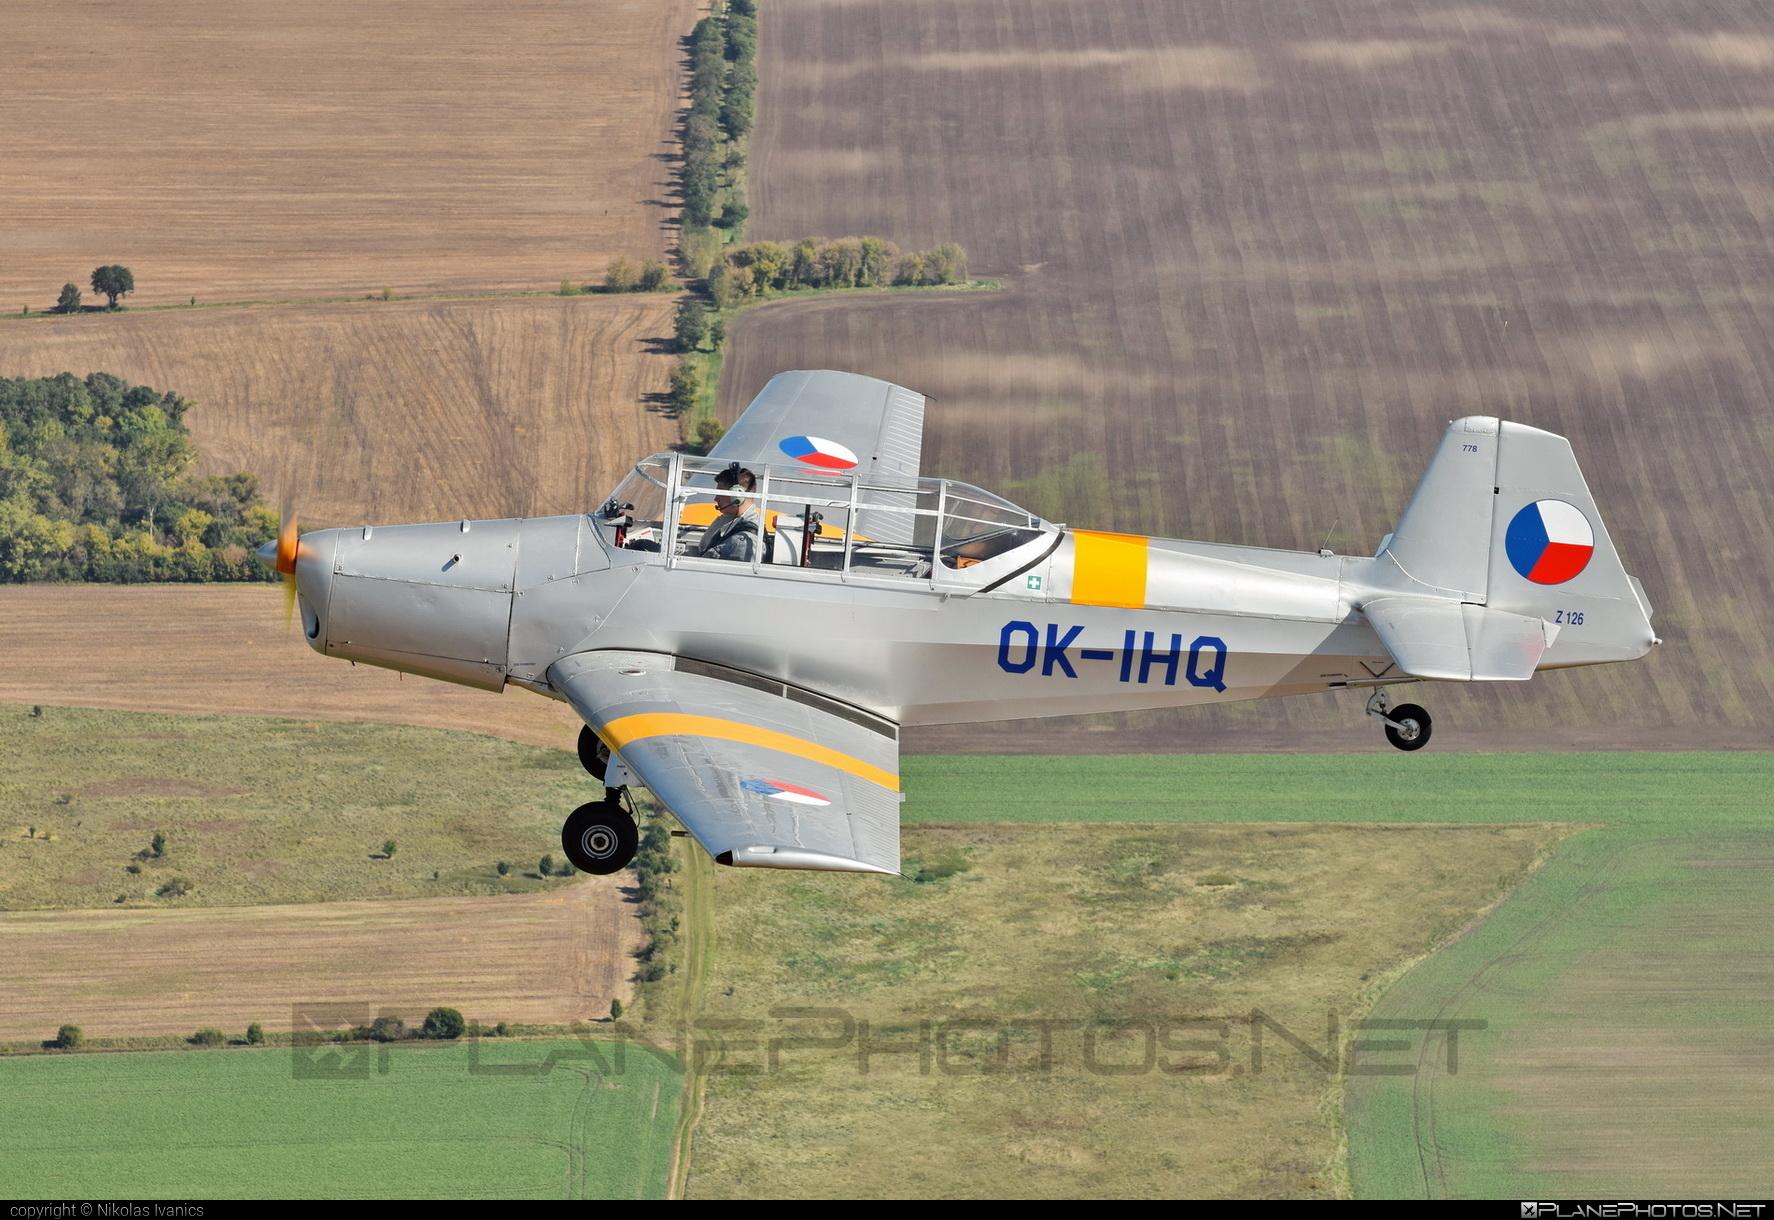 Zlin Z-126 Trenér - OK-IHQ operated by Private operator #z126 #z126trener #zlin #zlin126 #zlintrener